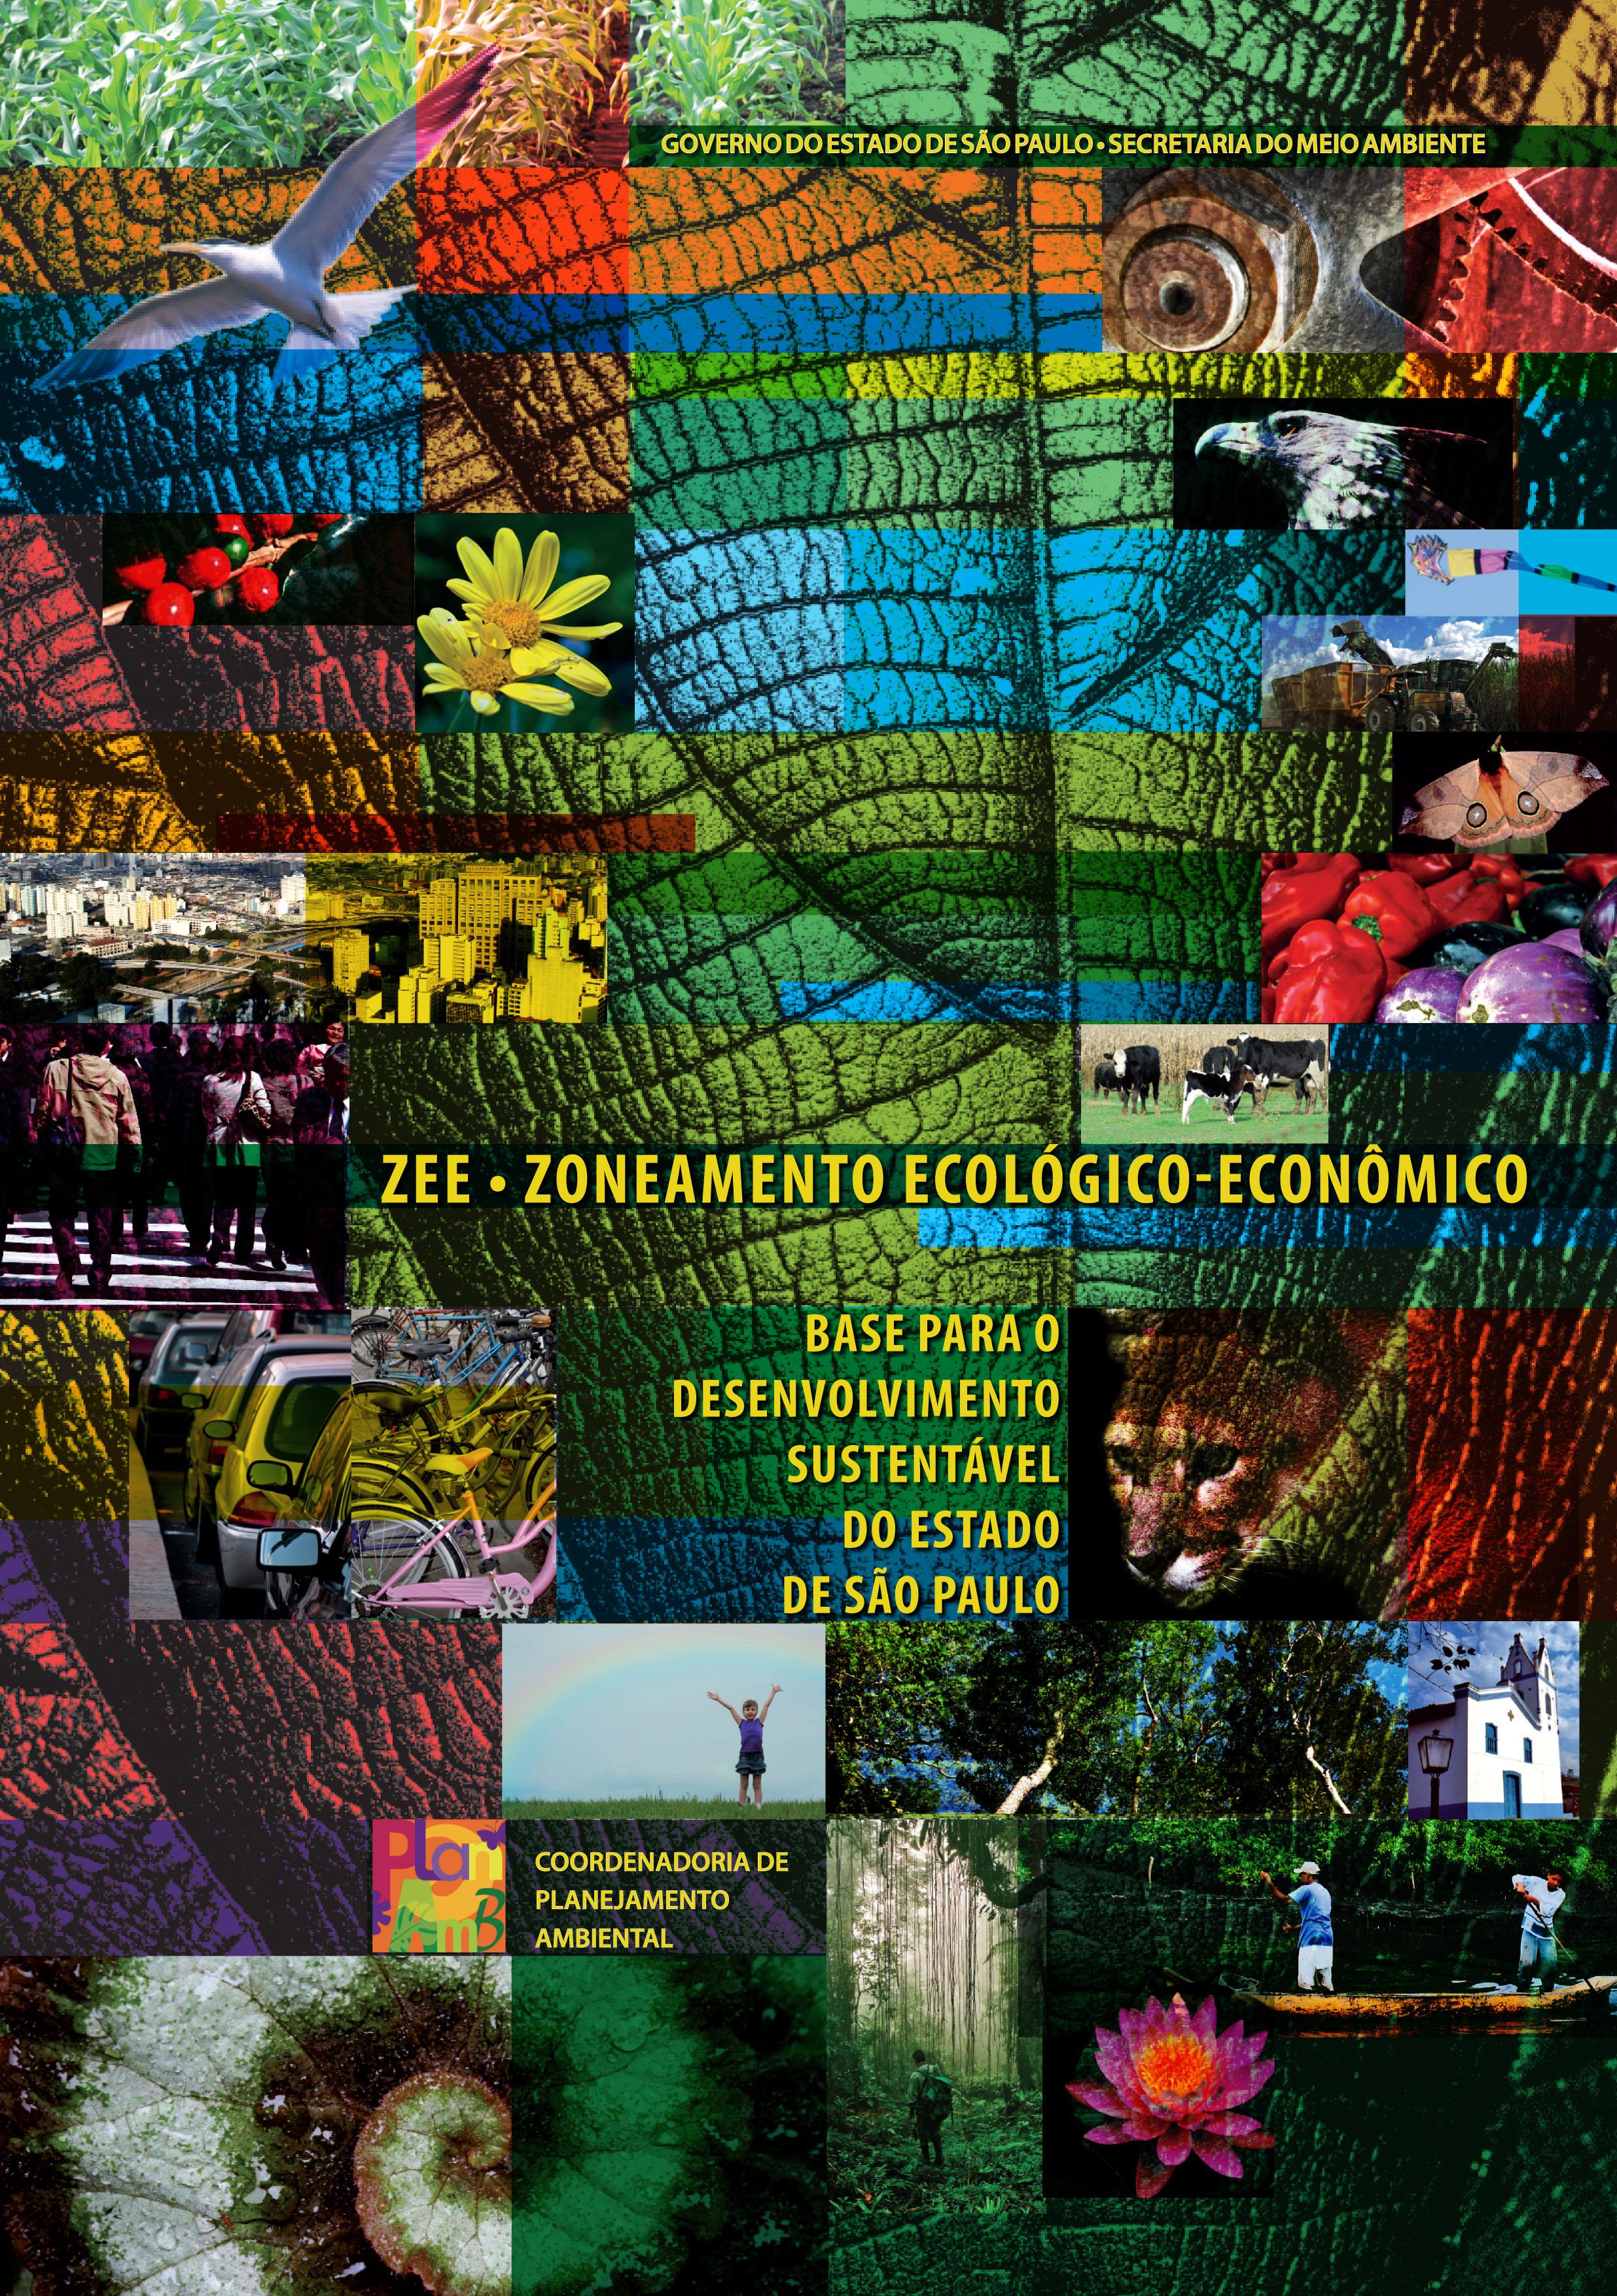 Zoneamento Ecológico-Econômico: base para o desenvolvimento sustentável do Estado de São Paulo